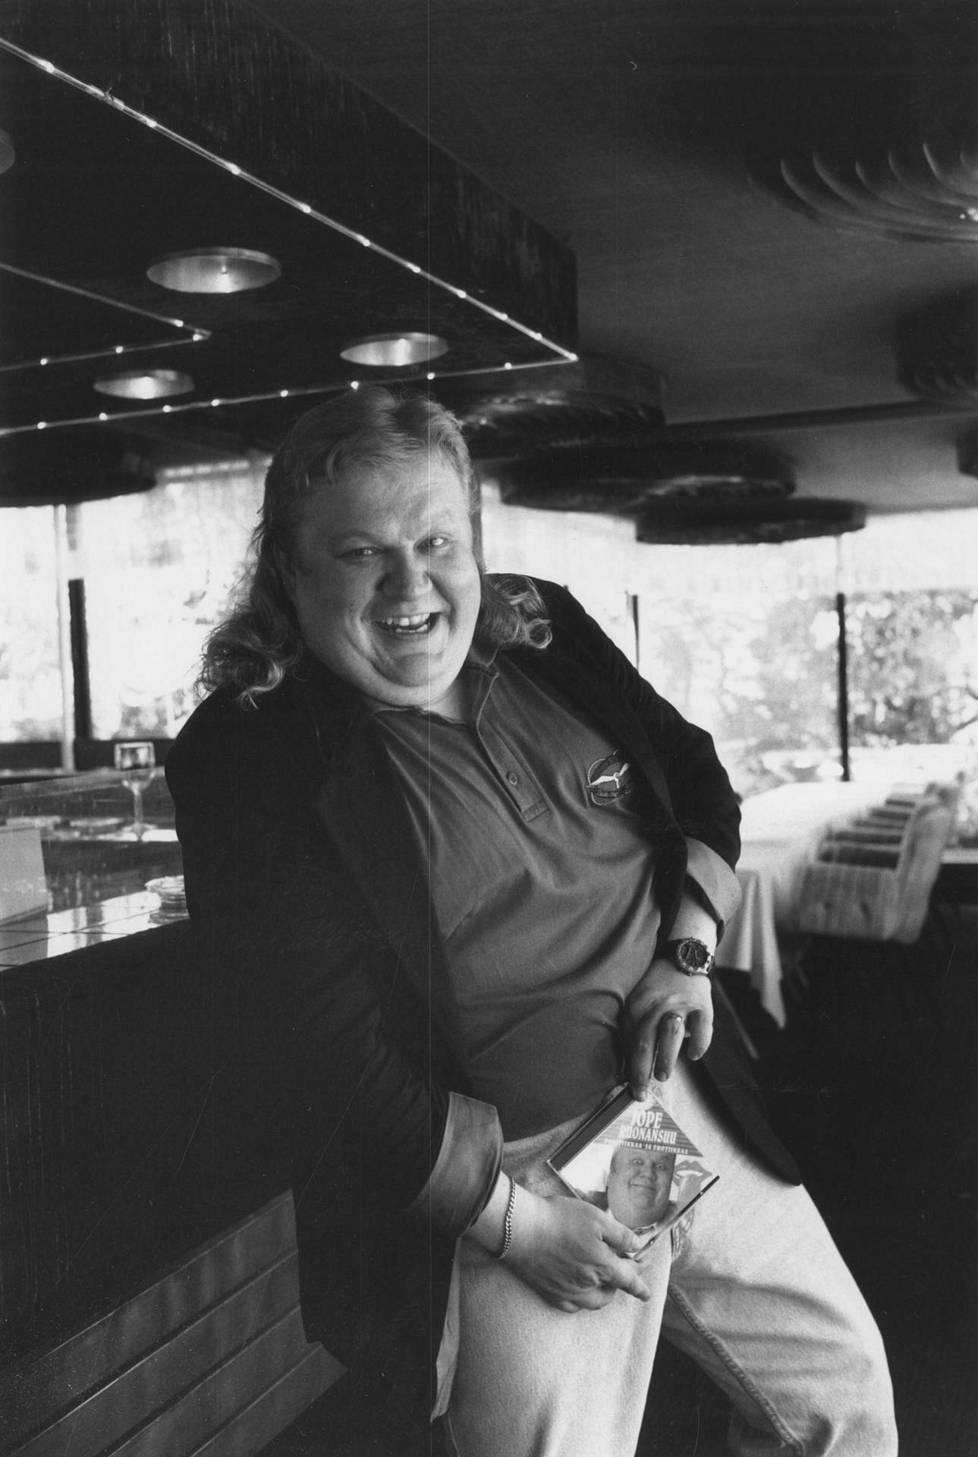 Ruonansuu poseeraa Politiikkaa ja erotiikkaa-levyn kanssa vuonna 1993. Vuosi oli miehelle kiireinen, sillä hän julkaisi samana vuonna myös toisen albumin Jope Ruonansuu presidentiksi ja näytteli elokuvassa Pekko Aikamiespojan poikamiesaika. Kyseessä oli Ruonansuun debyytti Pekko-elokuvissa ja hän näytteli sen jälkeen vielä kolmessa muussakin elokuvassa Heka Haimakaisen hahmoa. Samana vuonna Ruonansuu teki vielä tv-ohjelman Jopen videot, joka on yksi monista miehen tekemistä komediasarjoista.